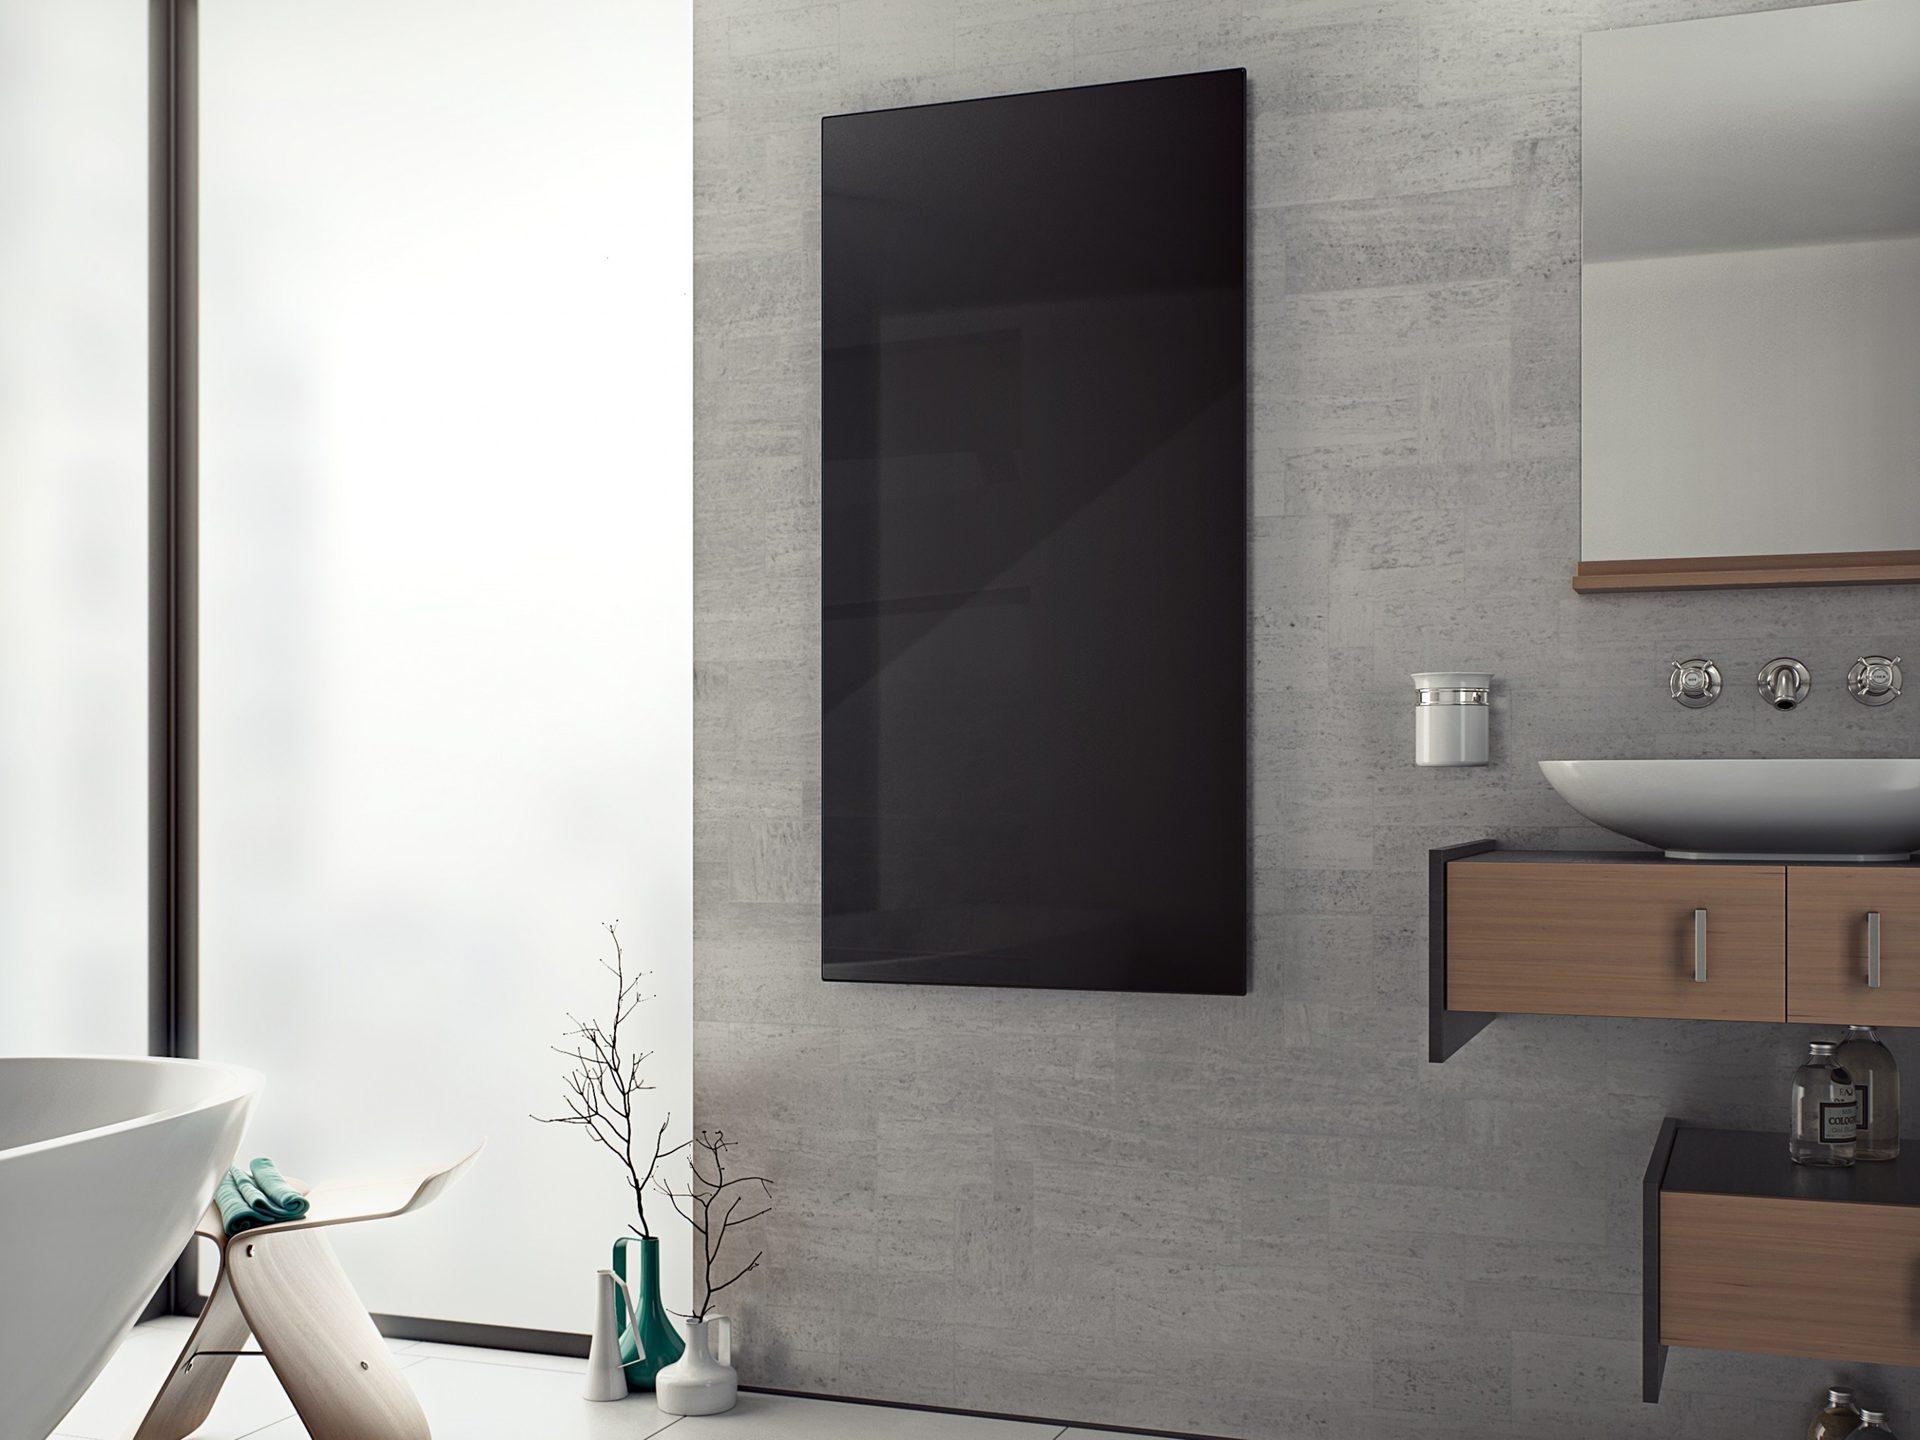 Infrarotheizung Glas 20 x 20 cm 20 Watt schwarz   Bad Design Heizung